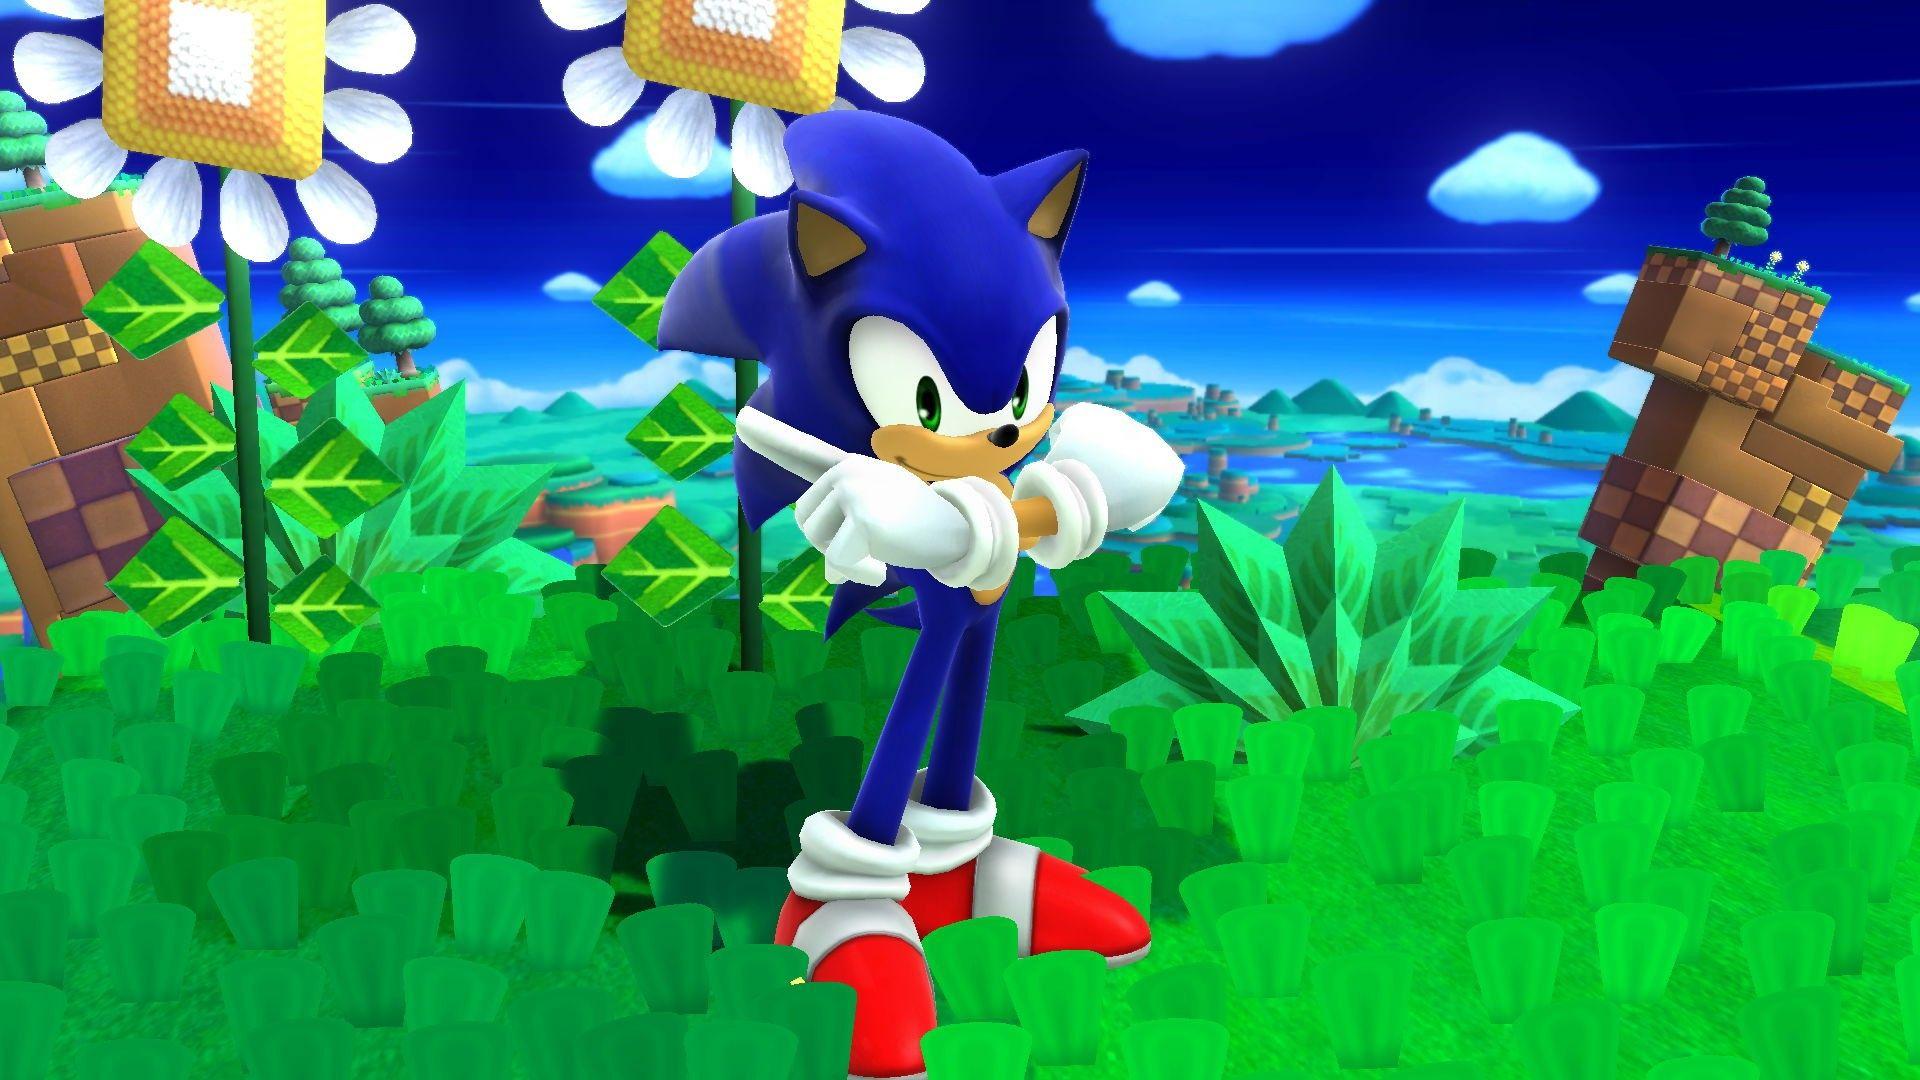 Sonic Adventure 2 Battle Re Skin V0 1 Super Smash Bros For Wii U